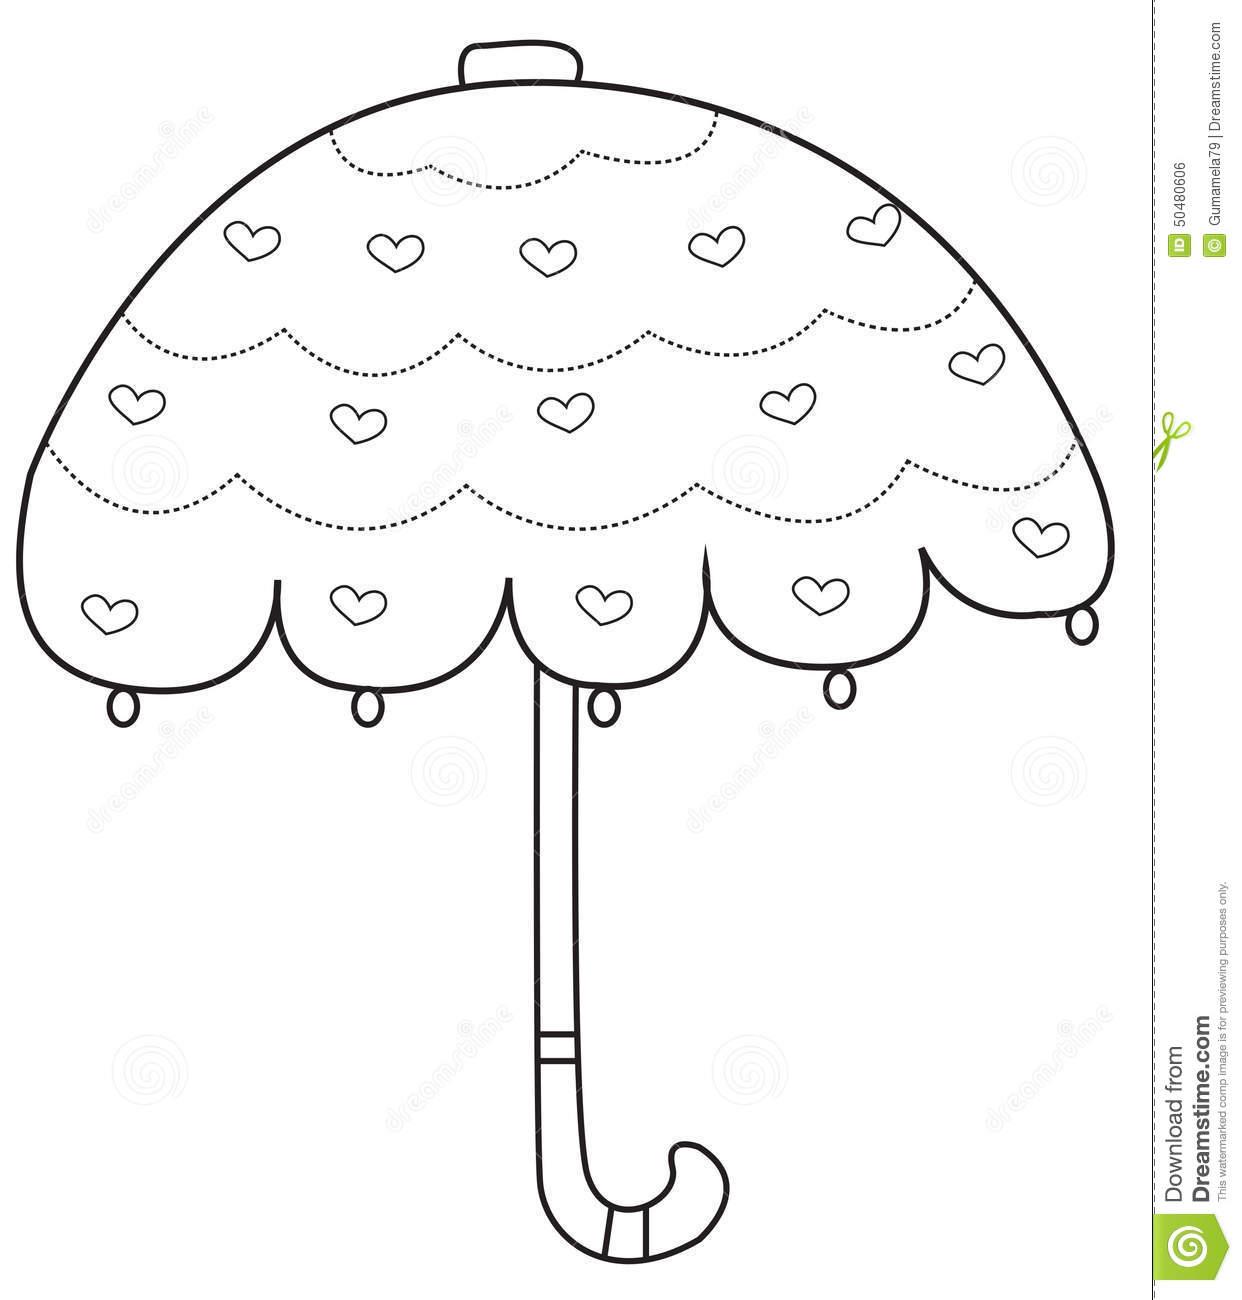 Umbrella Coloring Download Umbrella Coloring